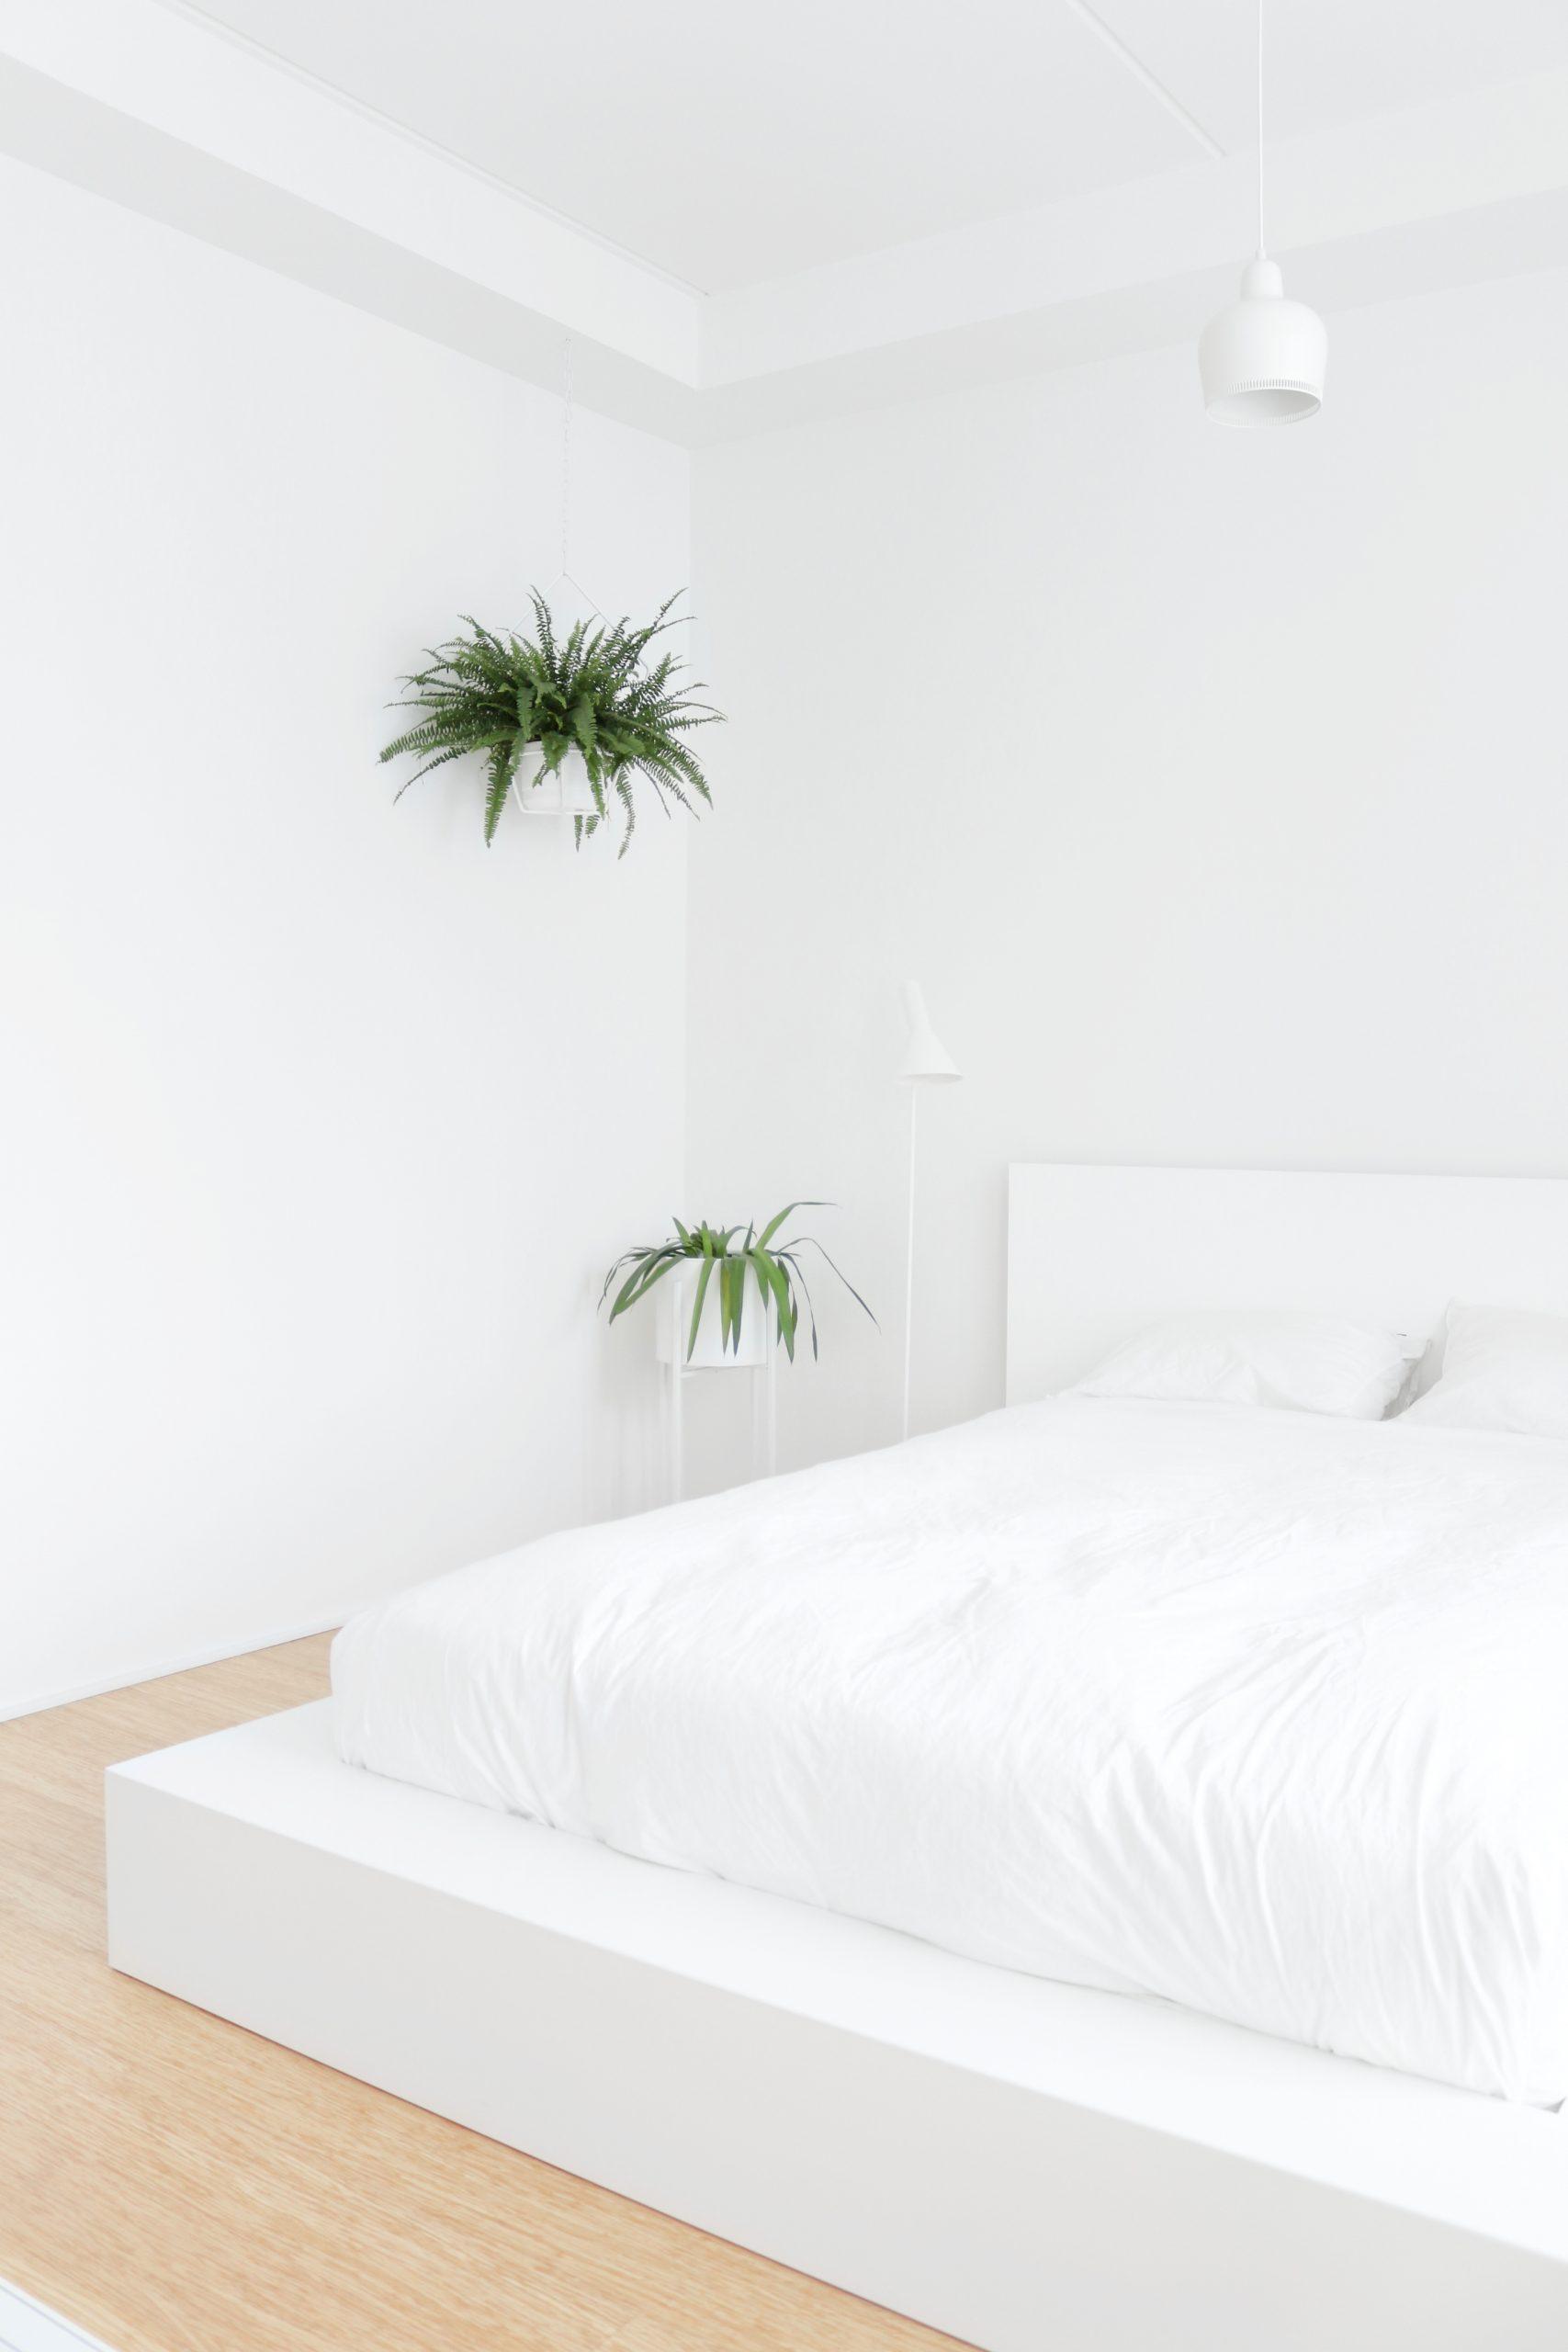 Viherkasvi amppelissa teräksinen ja moderni amppeli makuuhuoneen sisustus Omakotivalkoinen